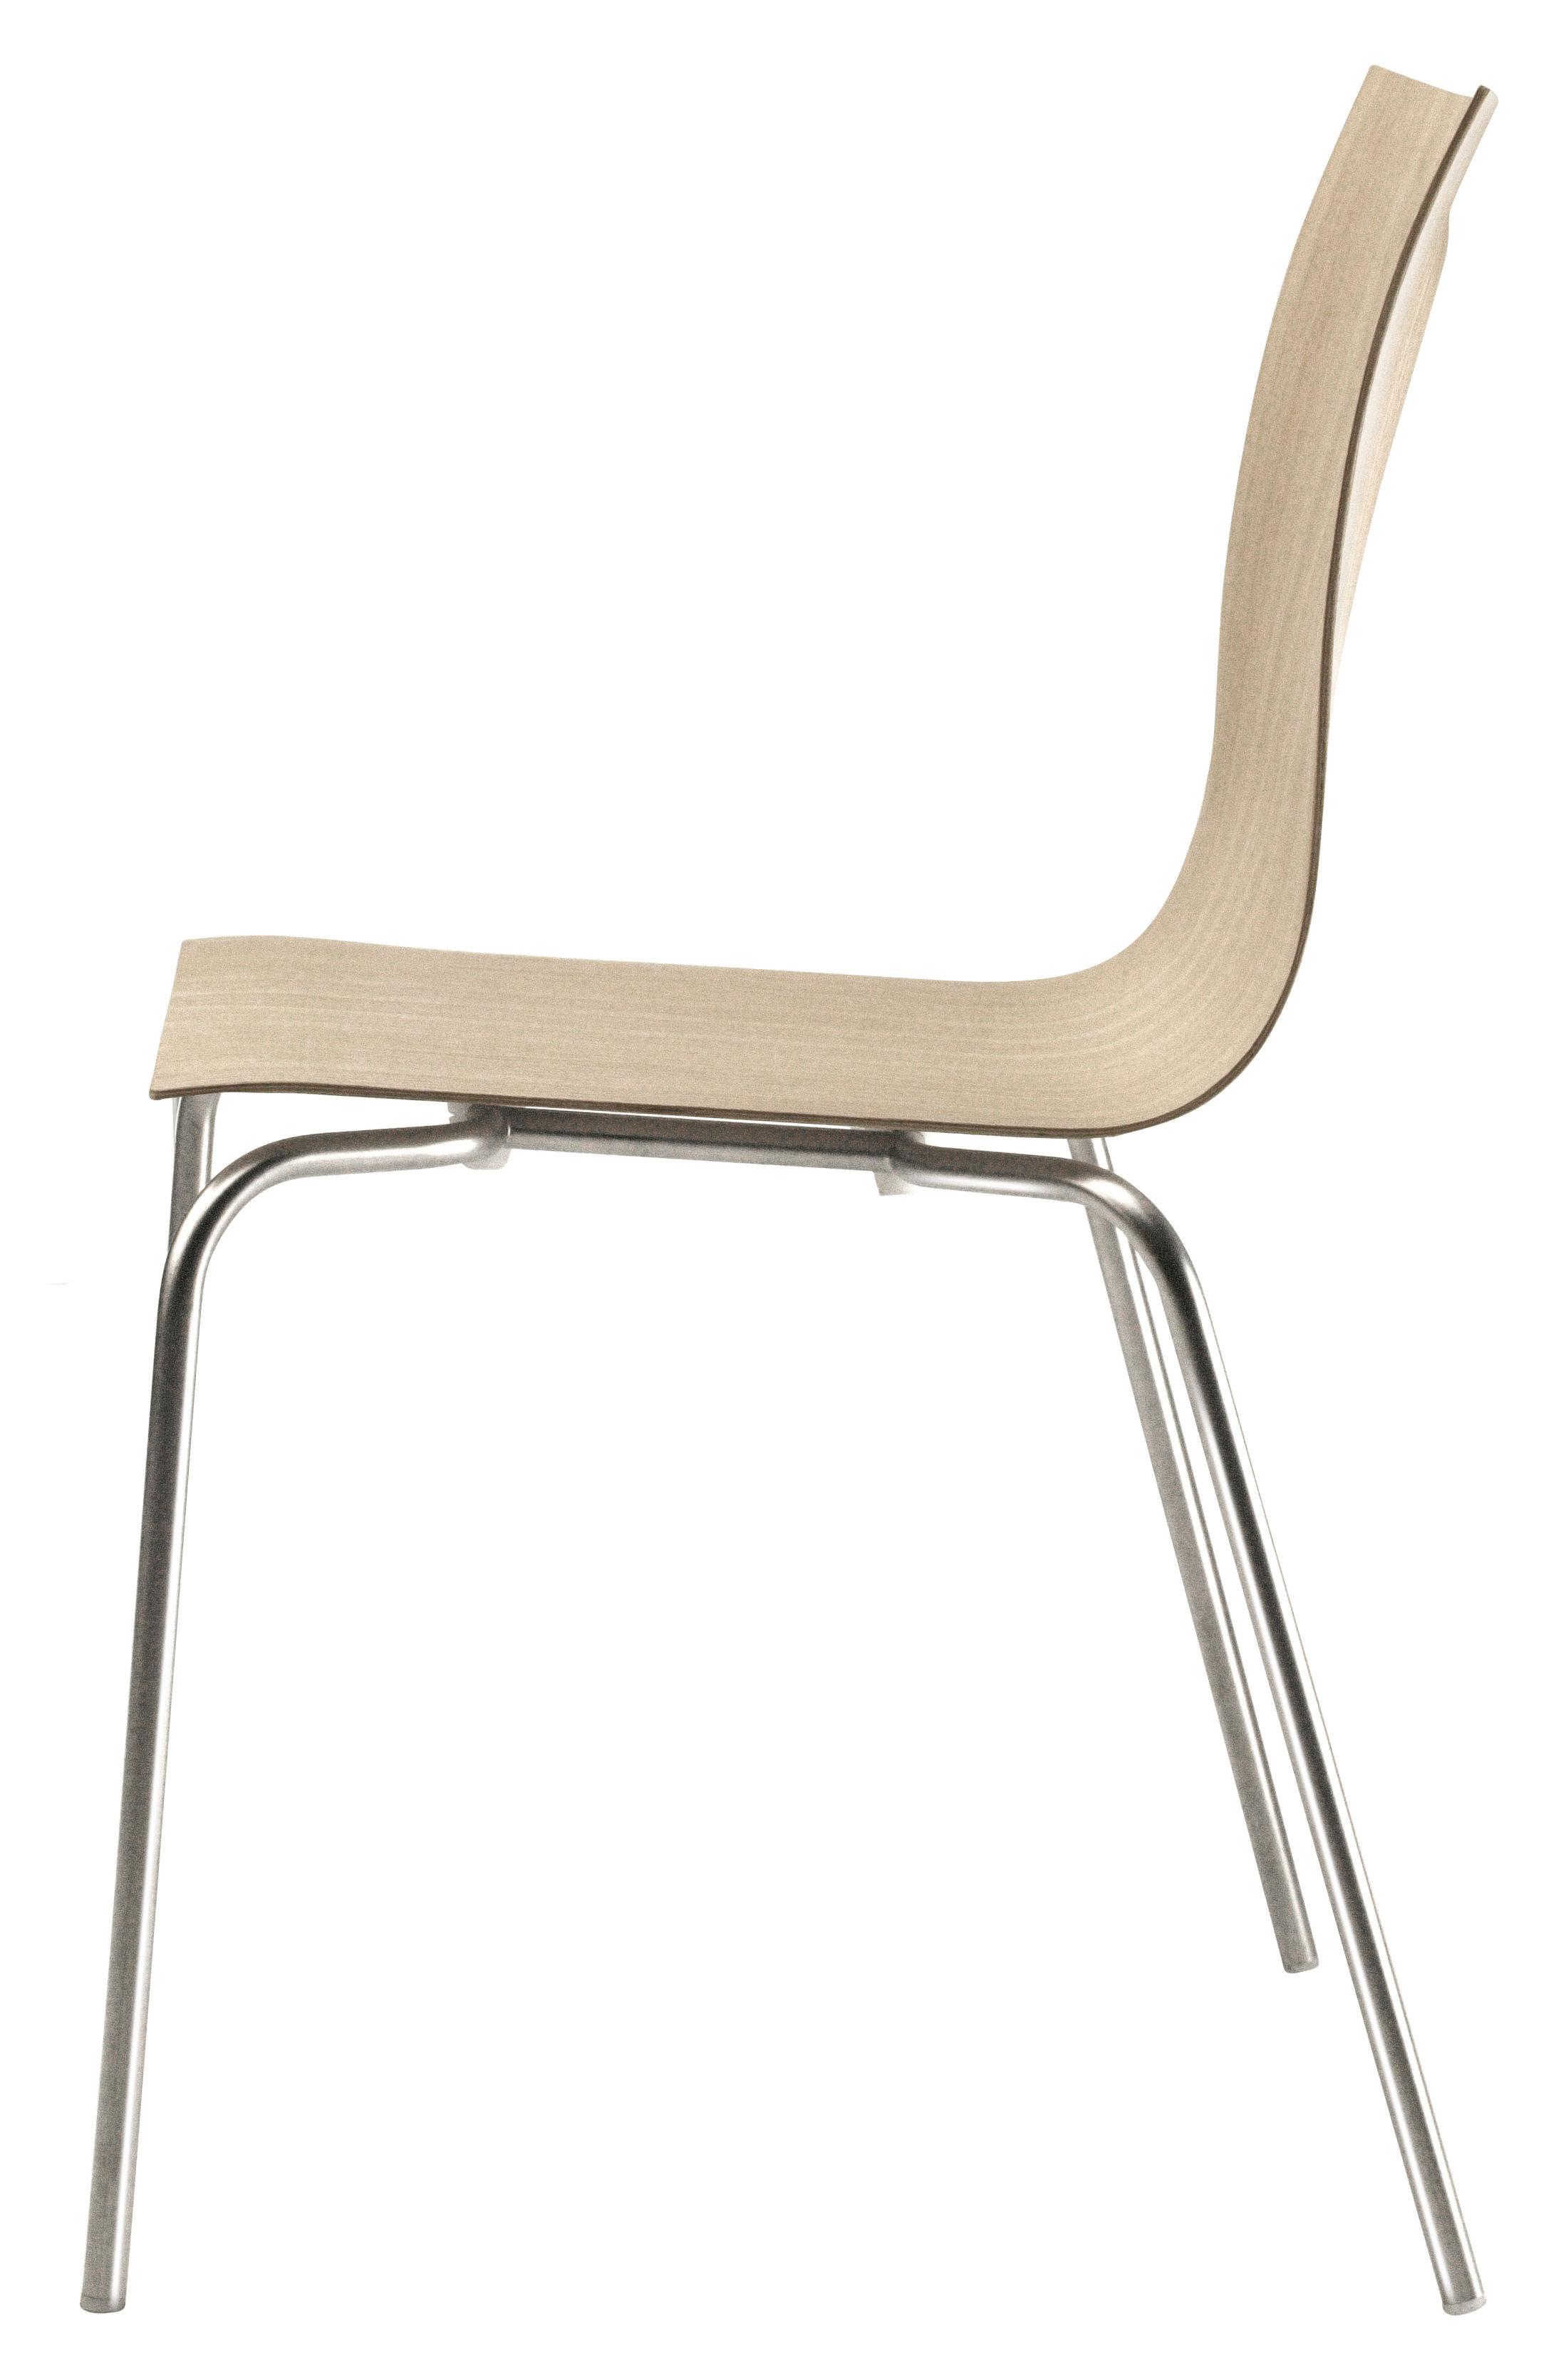 Mobilier - Chaises, fauteuils de salle à manger - Chaise empilable Thin / Bois - Lapalma - Chêne blanchi - Acier sablé, Multiplis de chêne blanchi